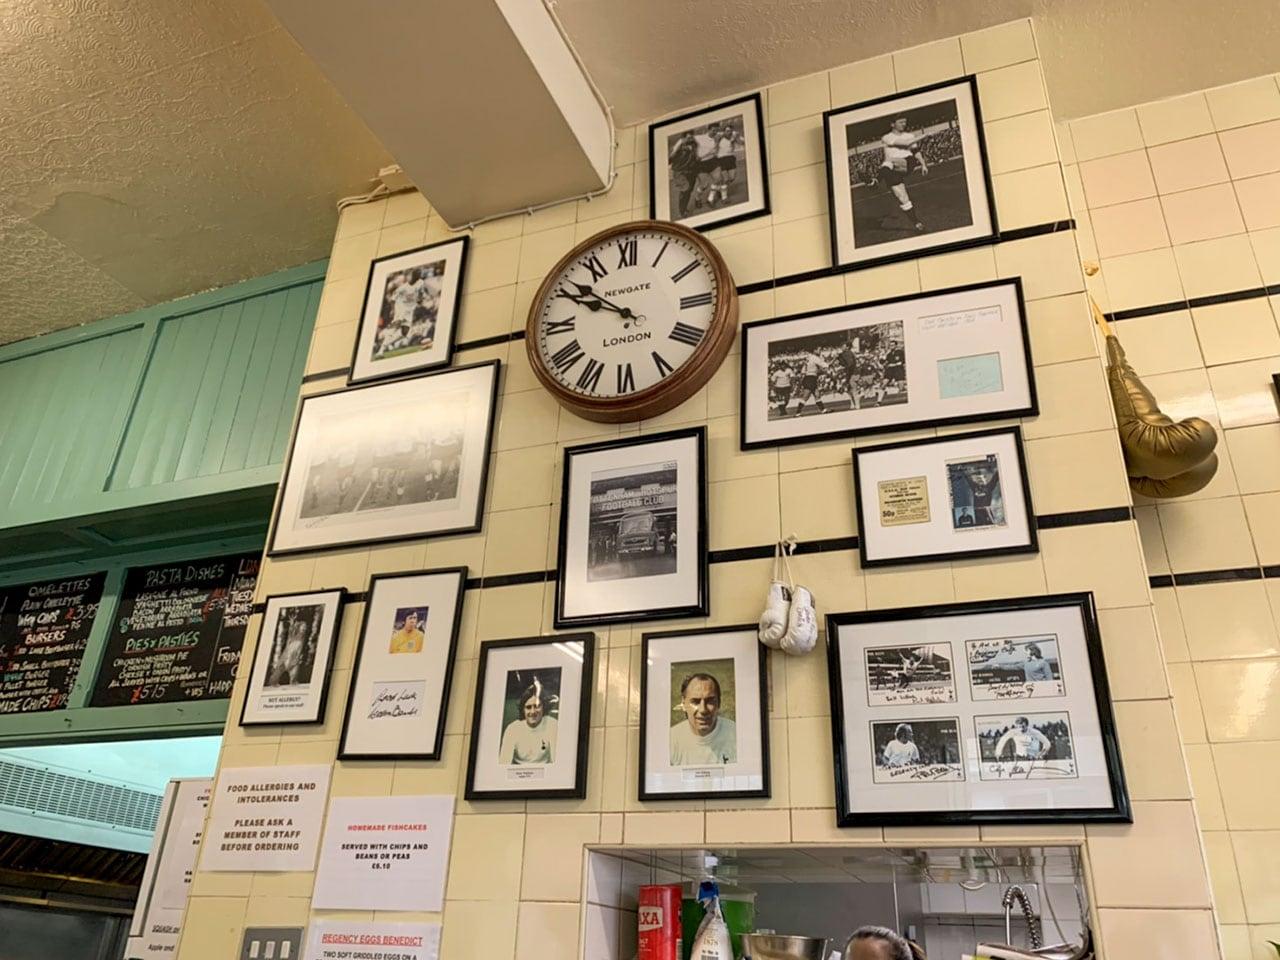 The Regency Café